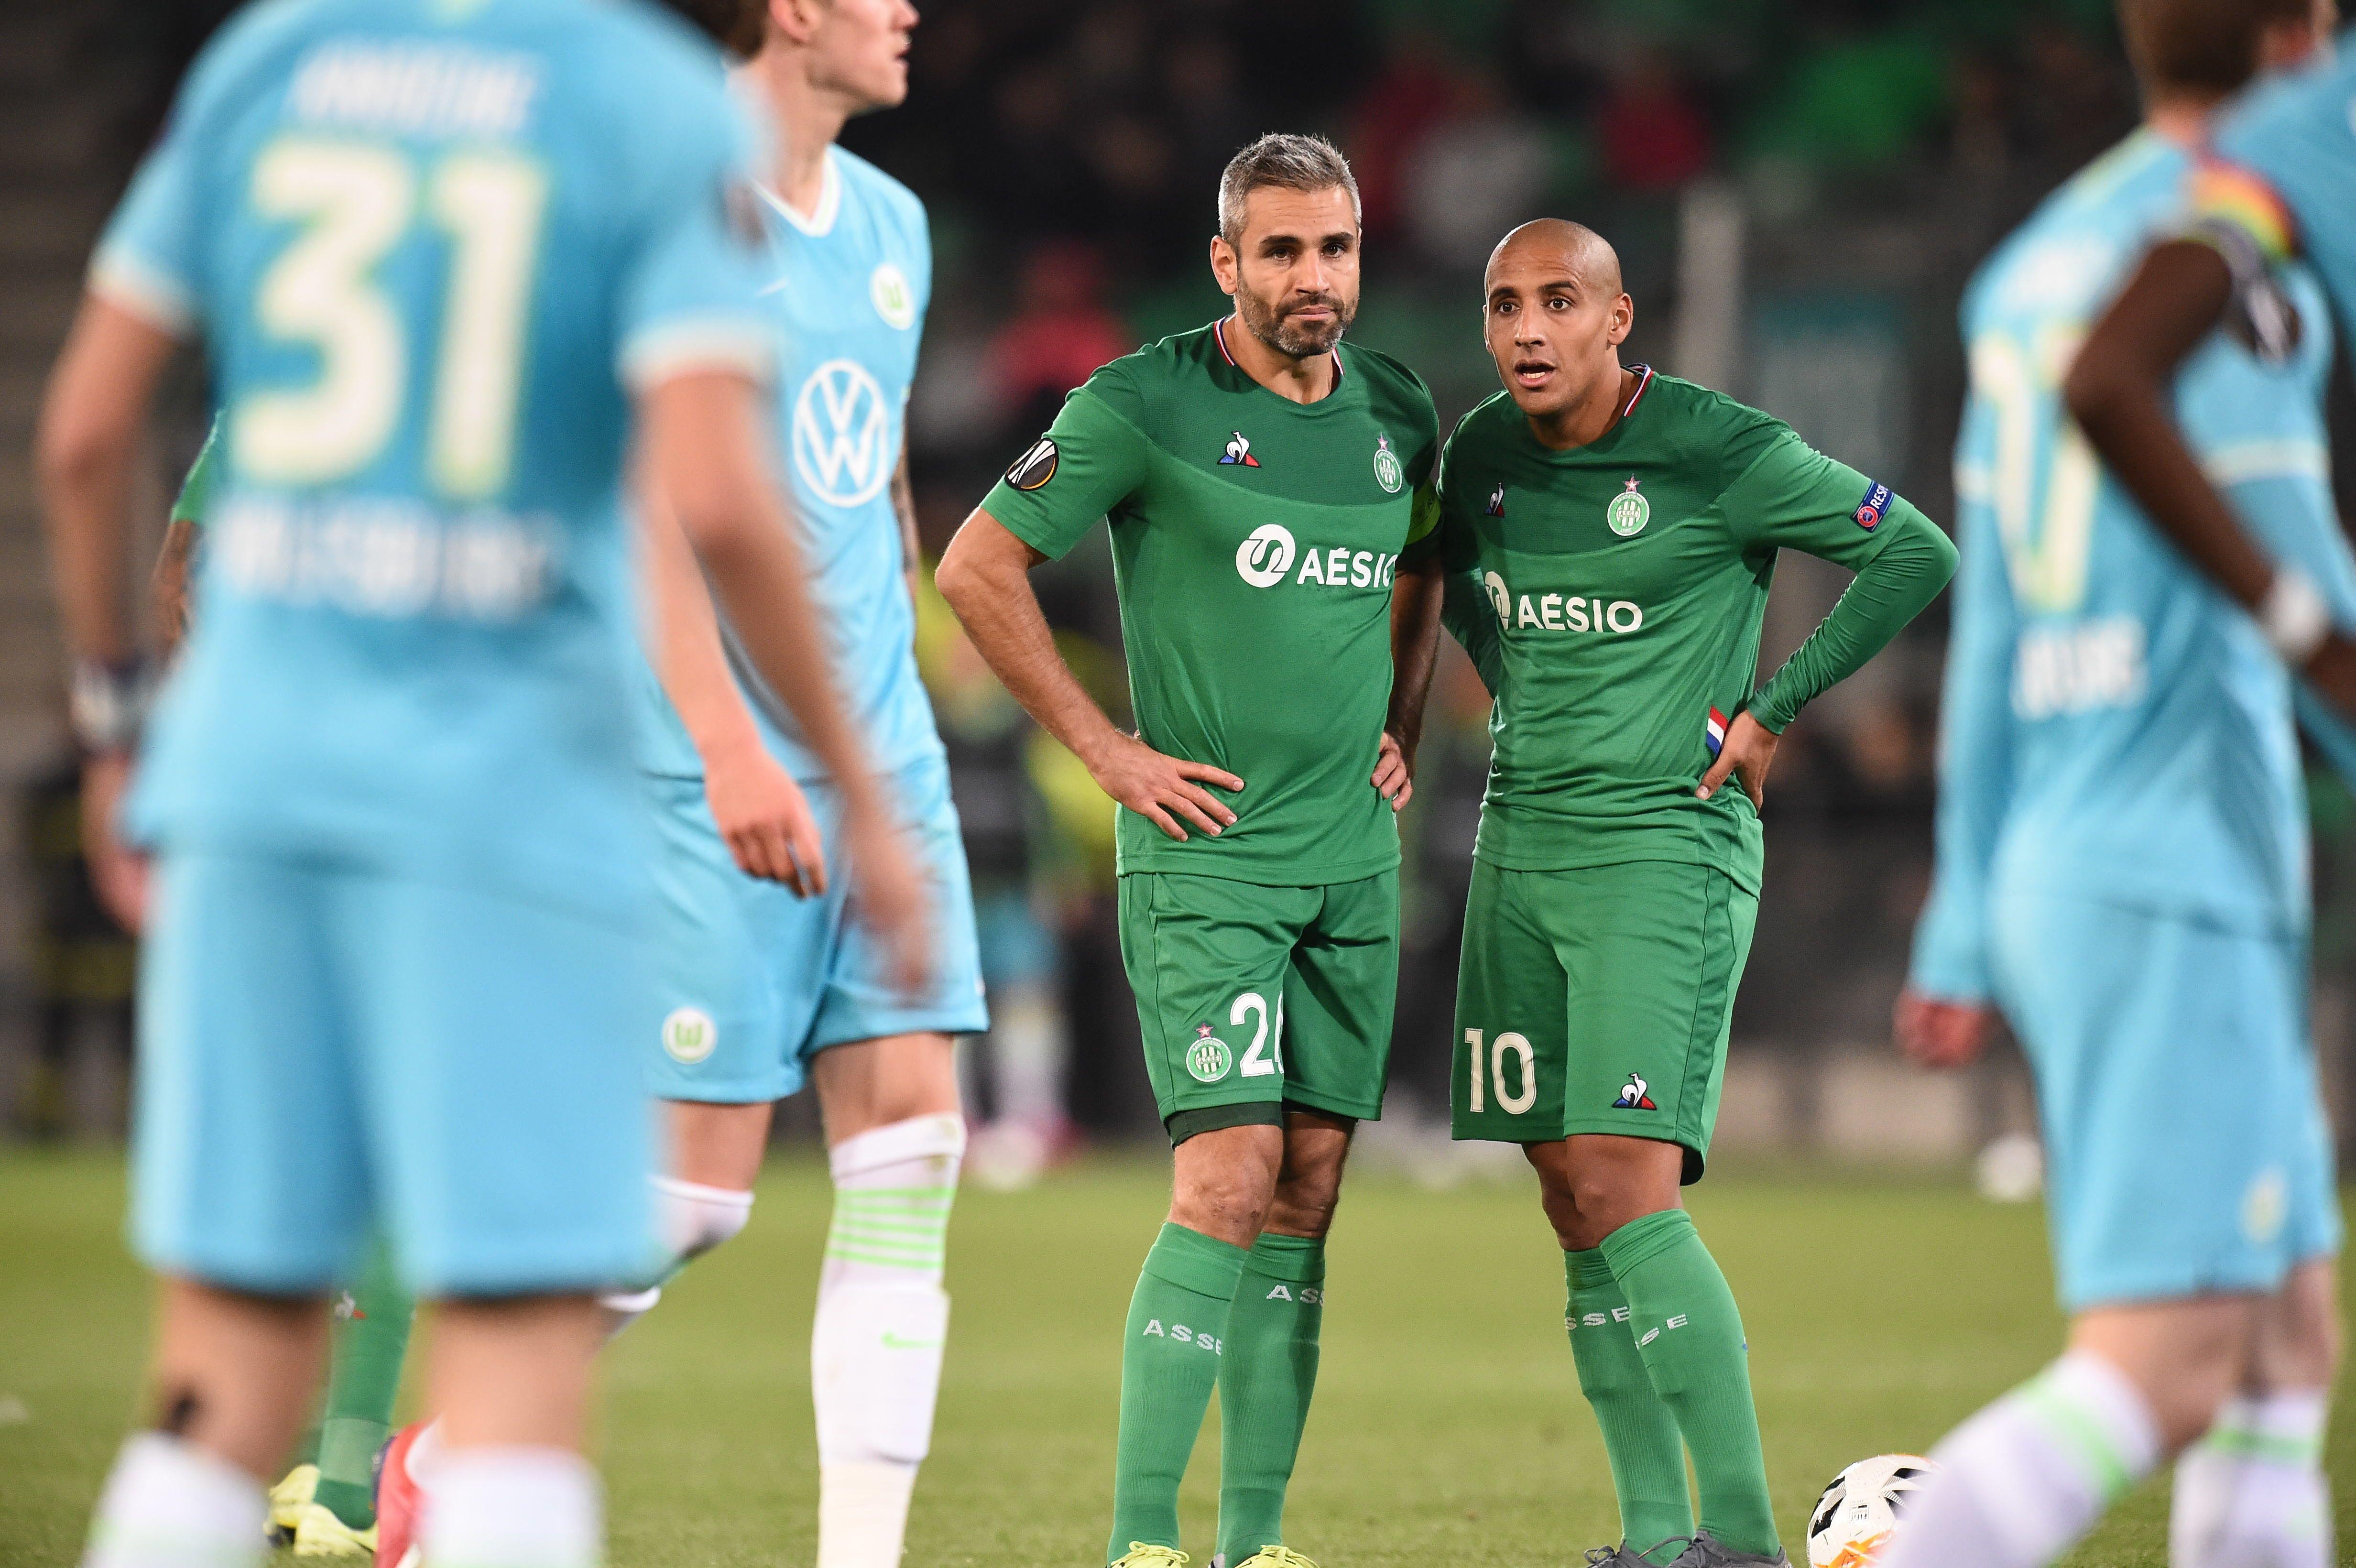 Football - Ligue Europa - Ligue Europa : Saint-Etienne mise sur sa nouvelle dynamique